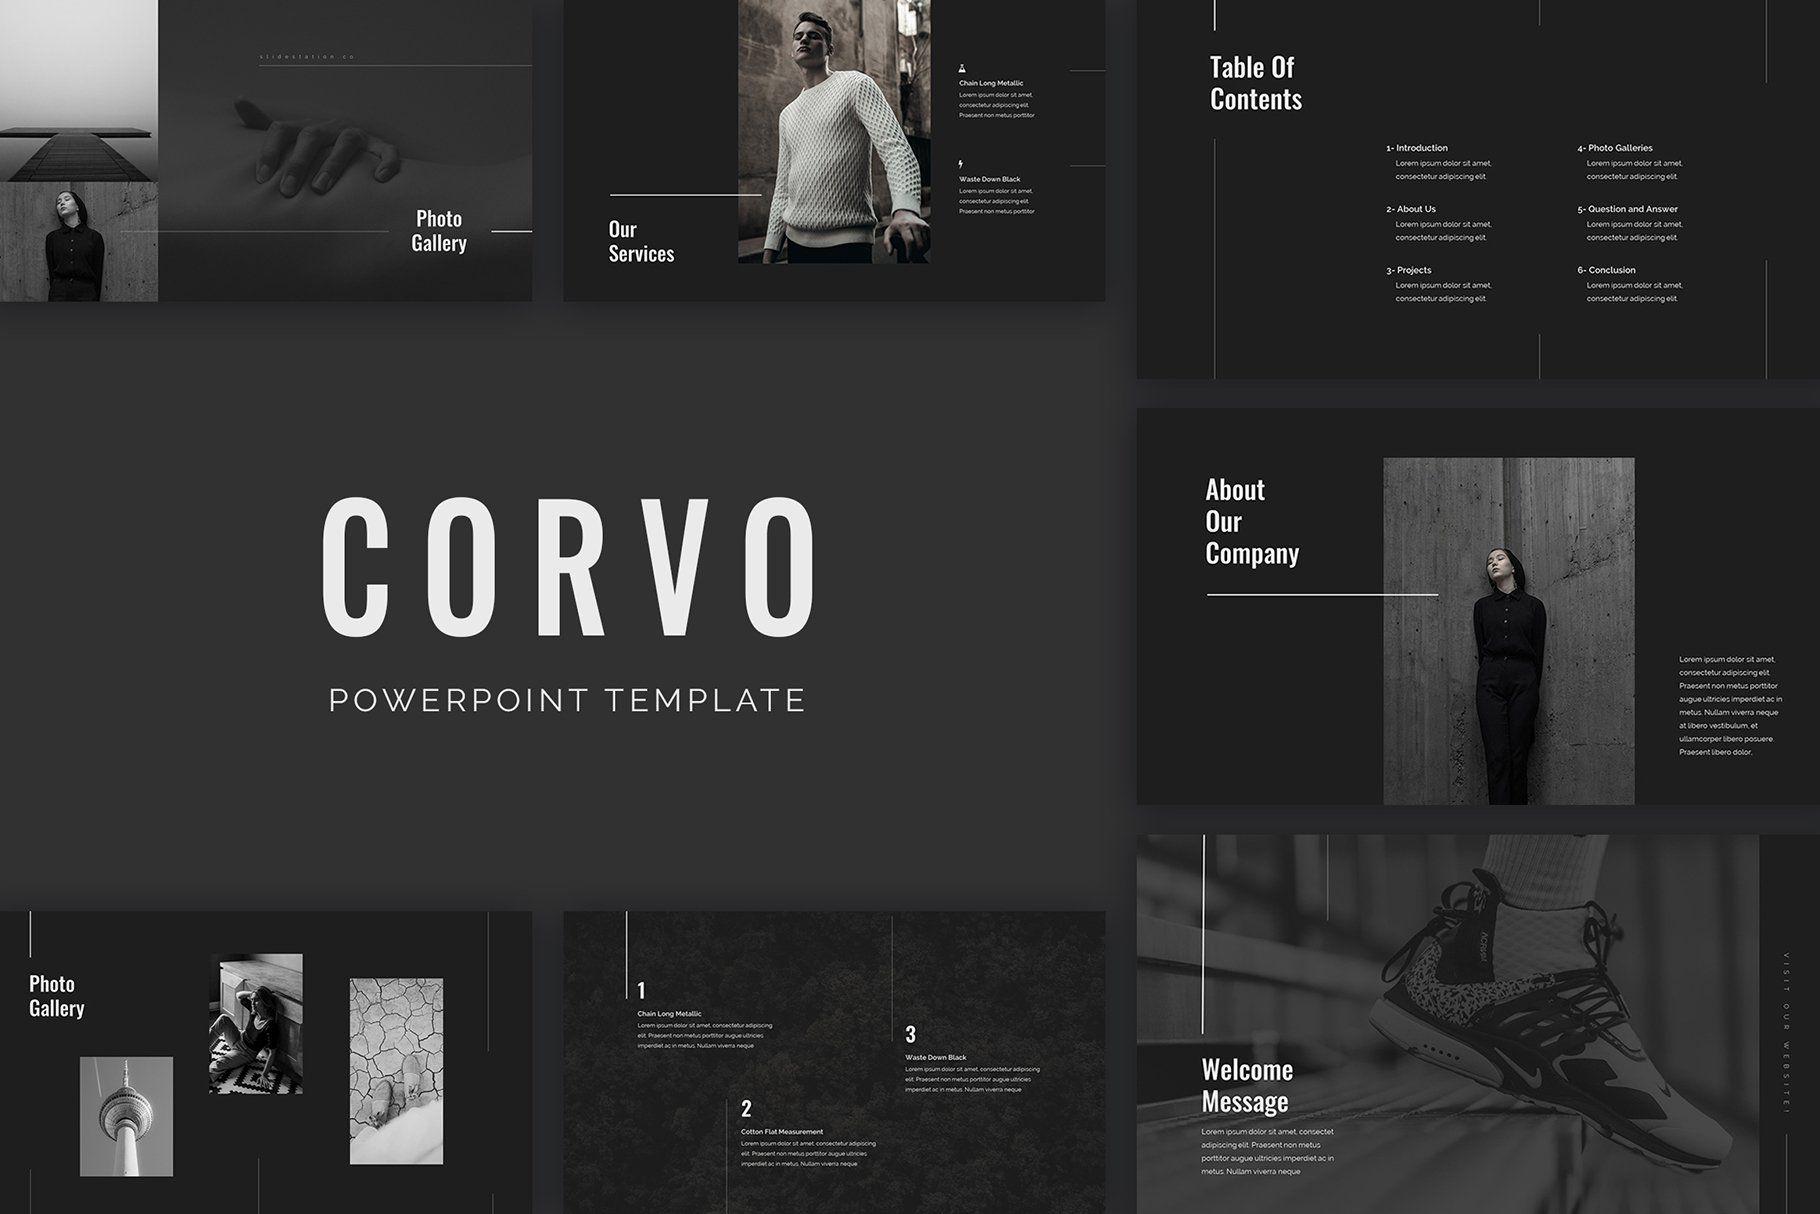 Corvo PowerPoint Presentation by SlideStation on